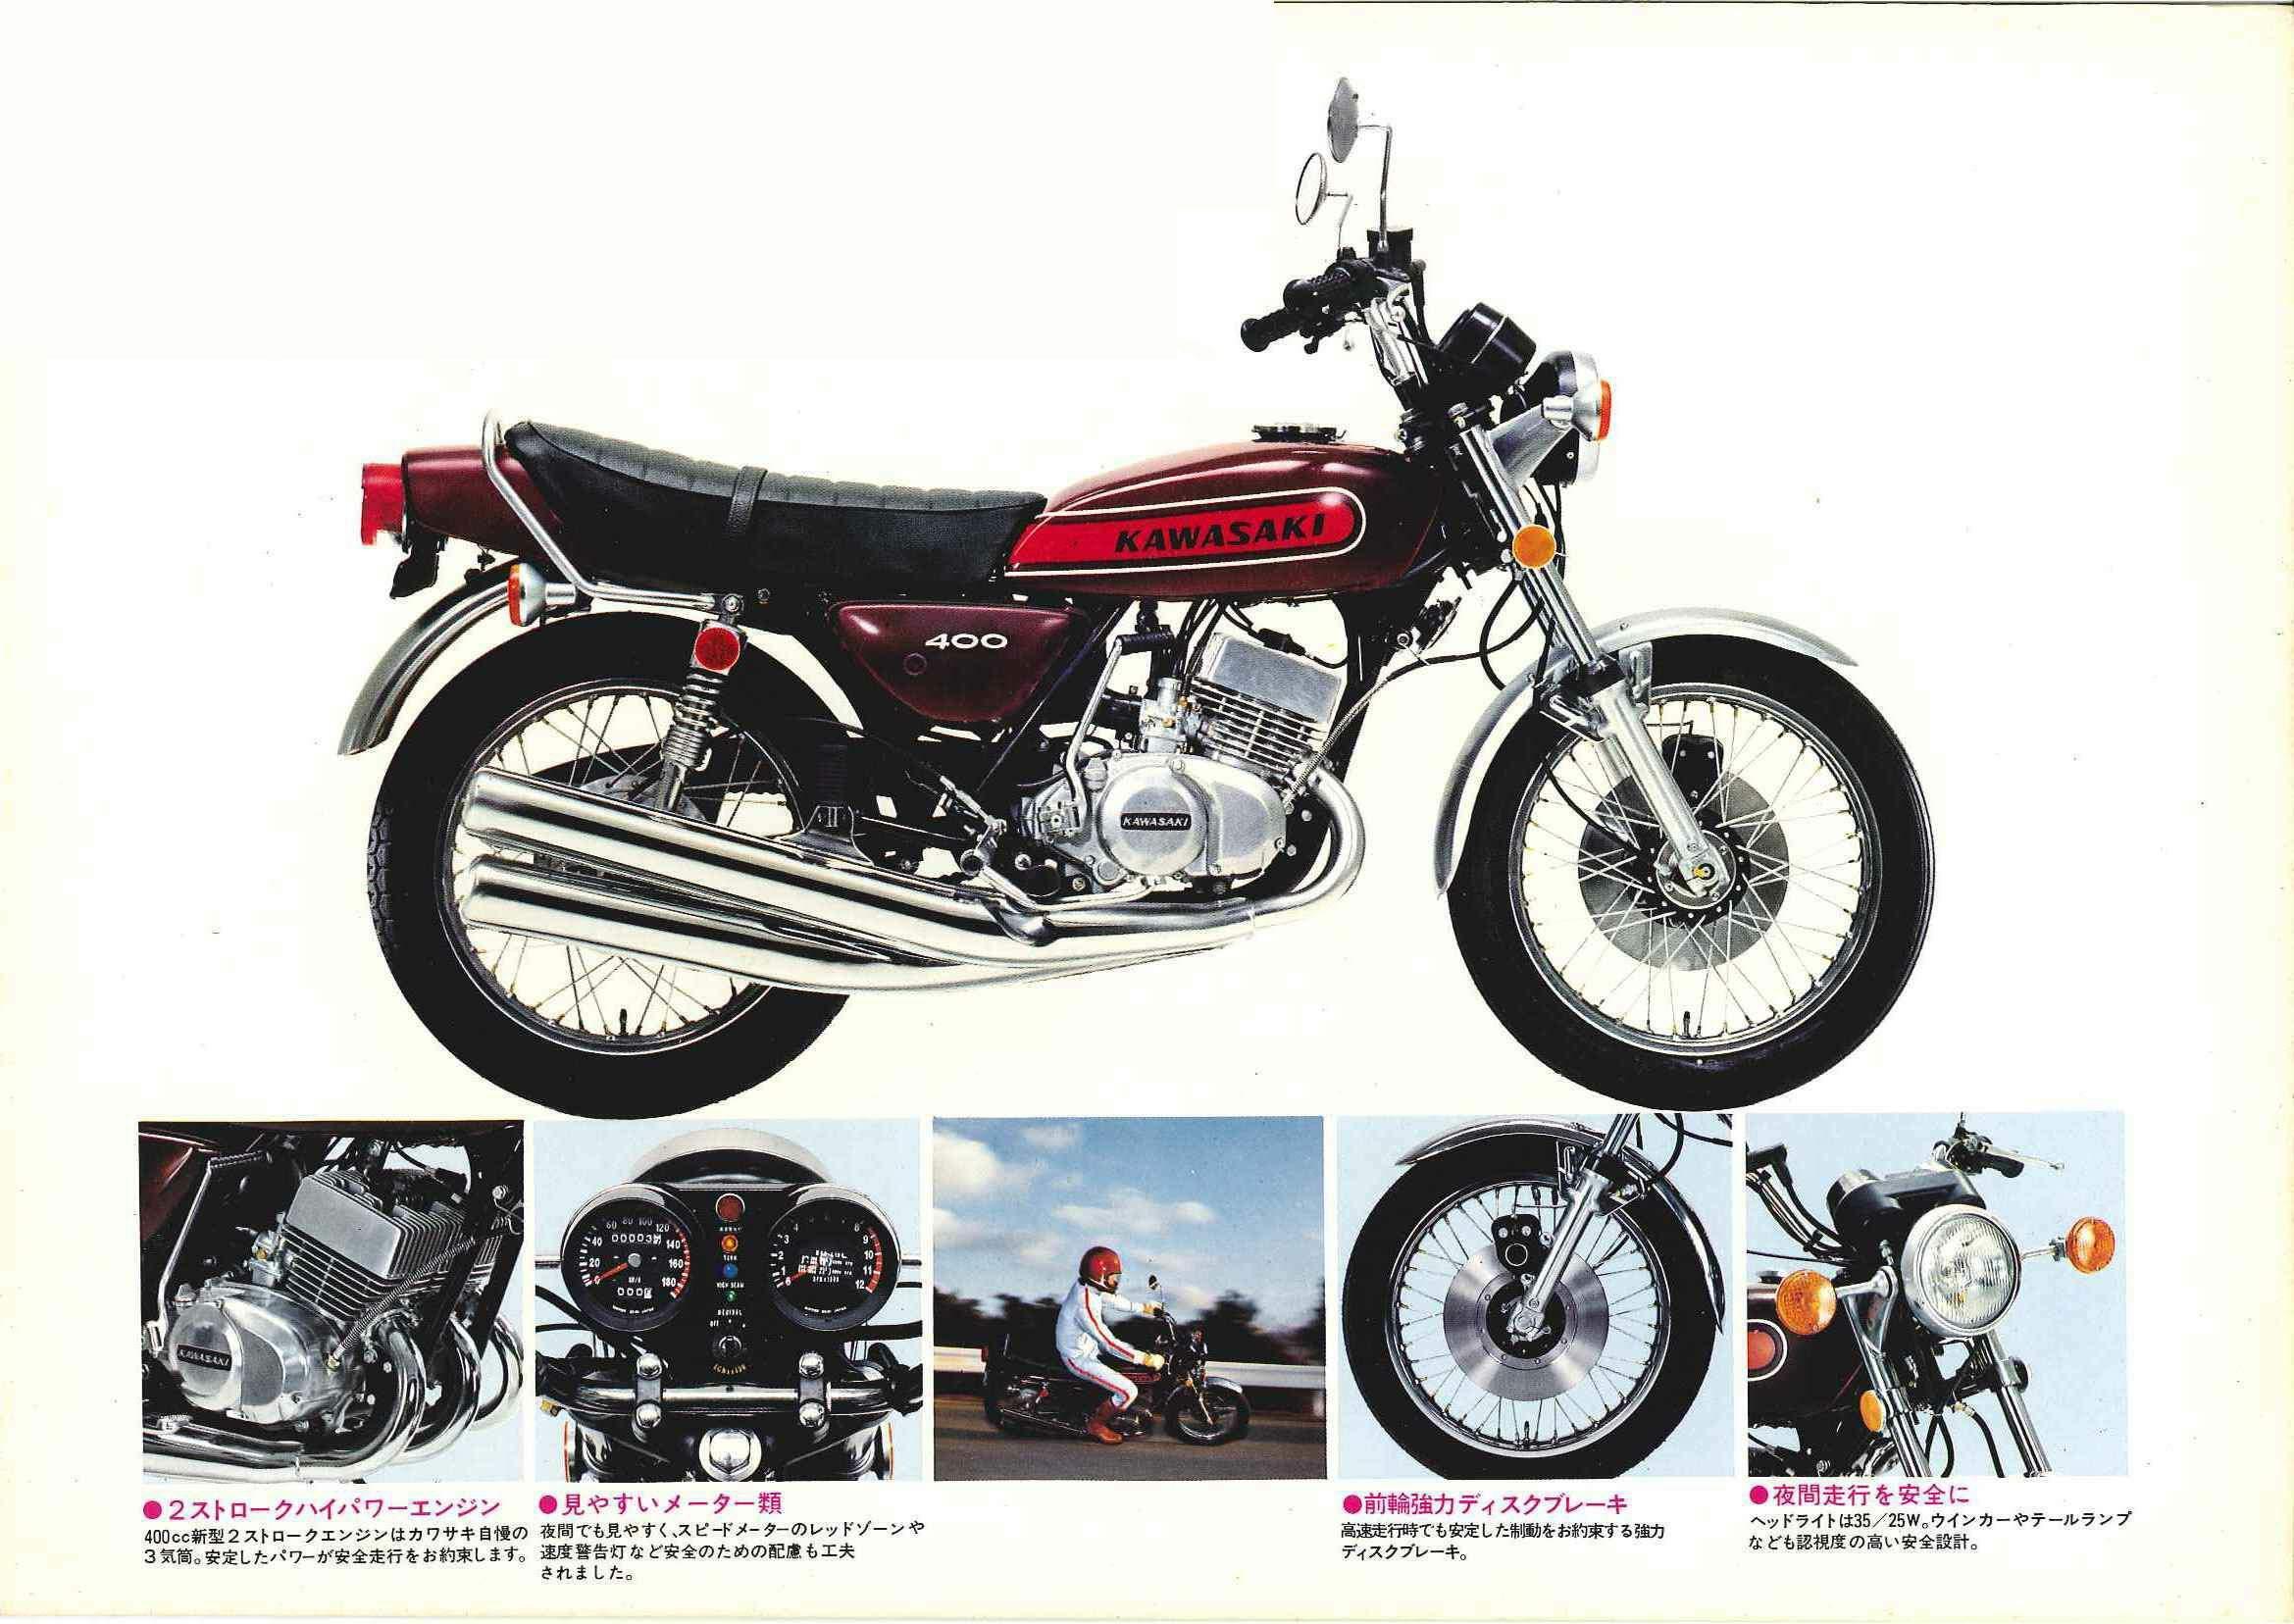 Kawasaki  400 s3